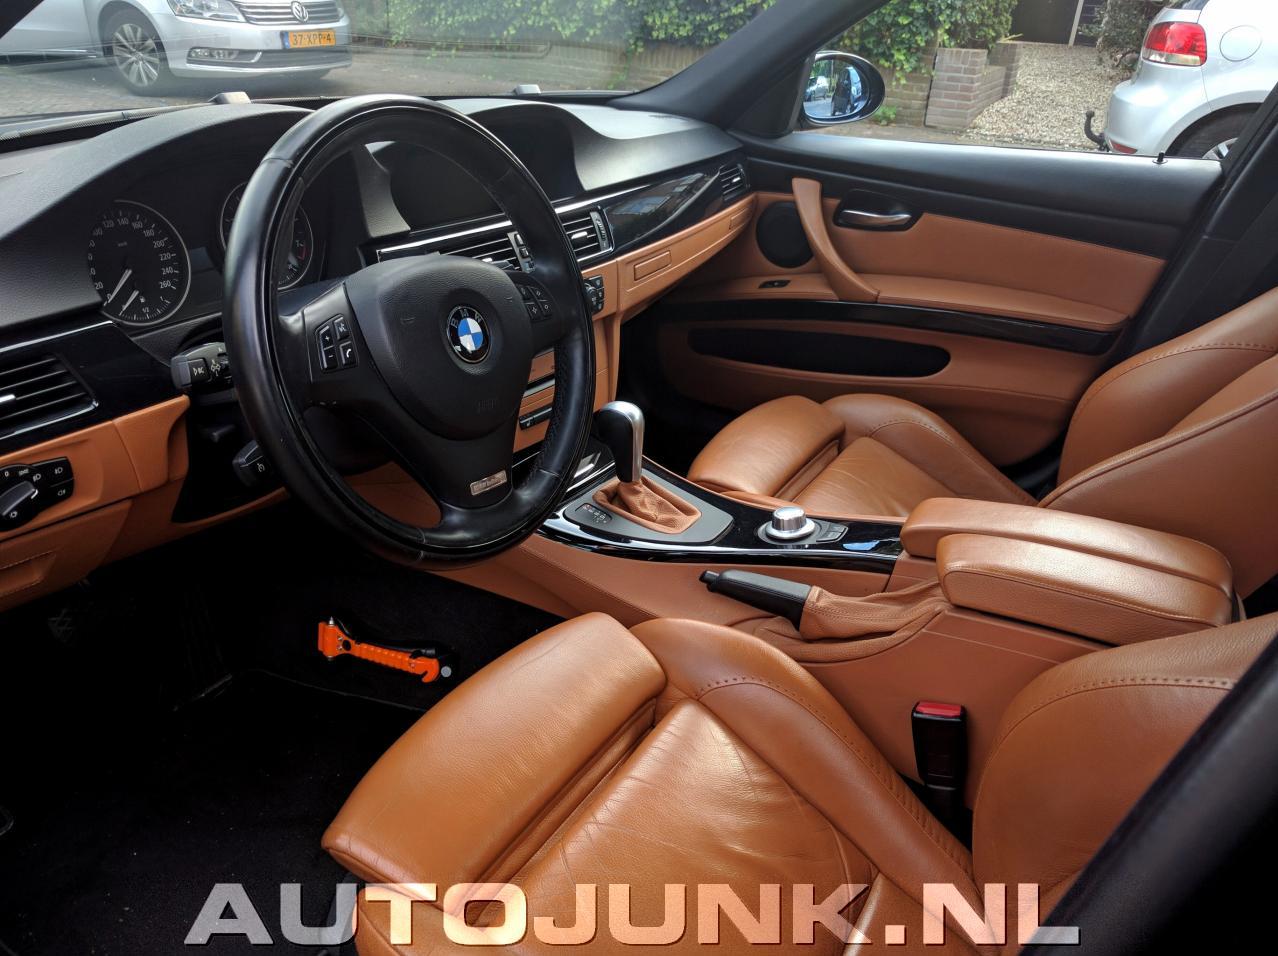 Wonderlijk BMW e90 330i individual foto's » Autojunk.nl (179195) PK-23